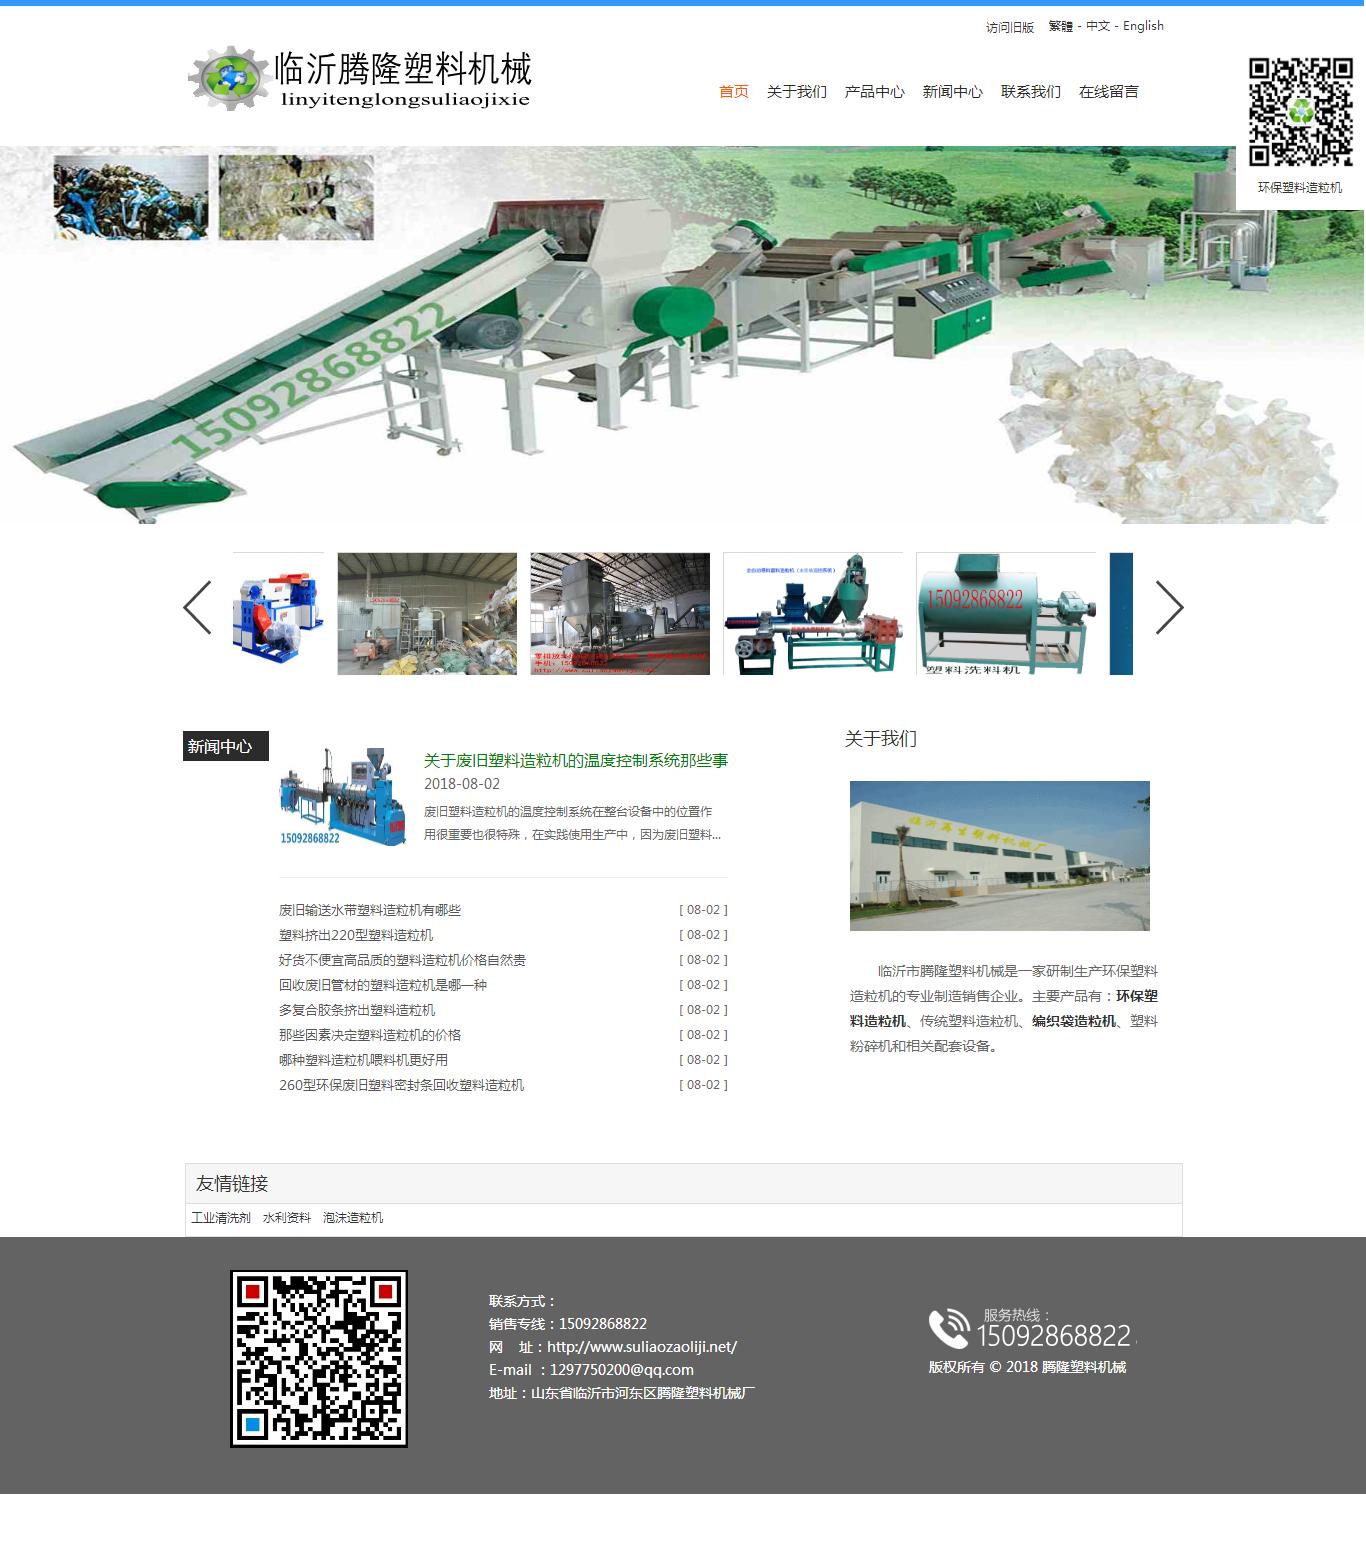 中英繁三语言网站制作_网站设计